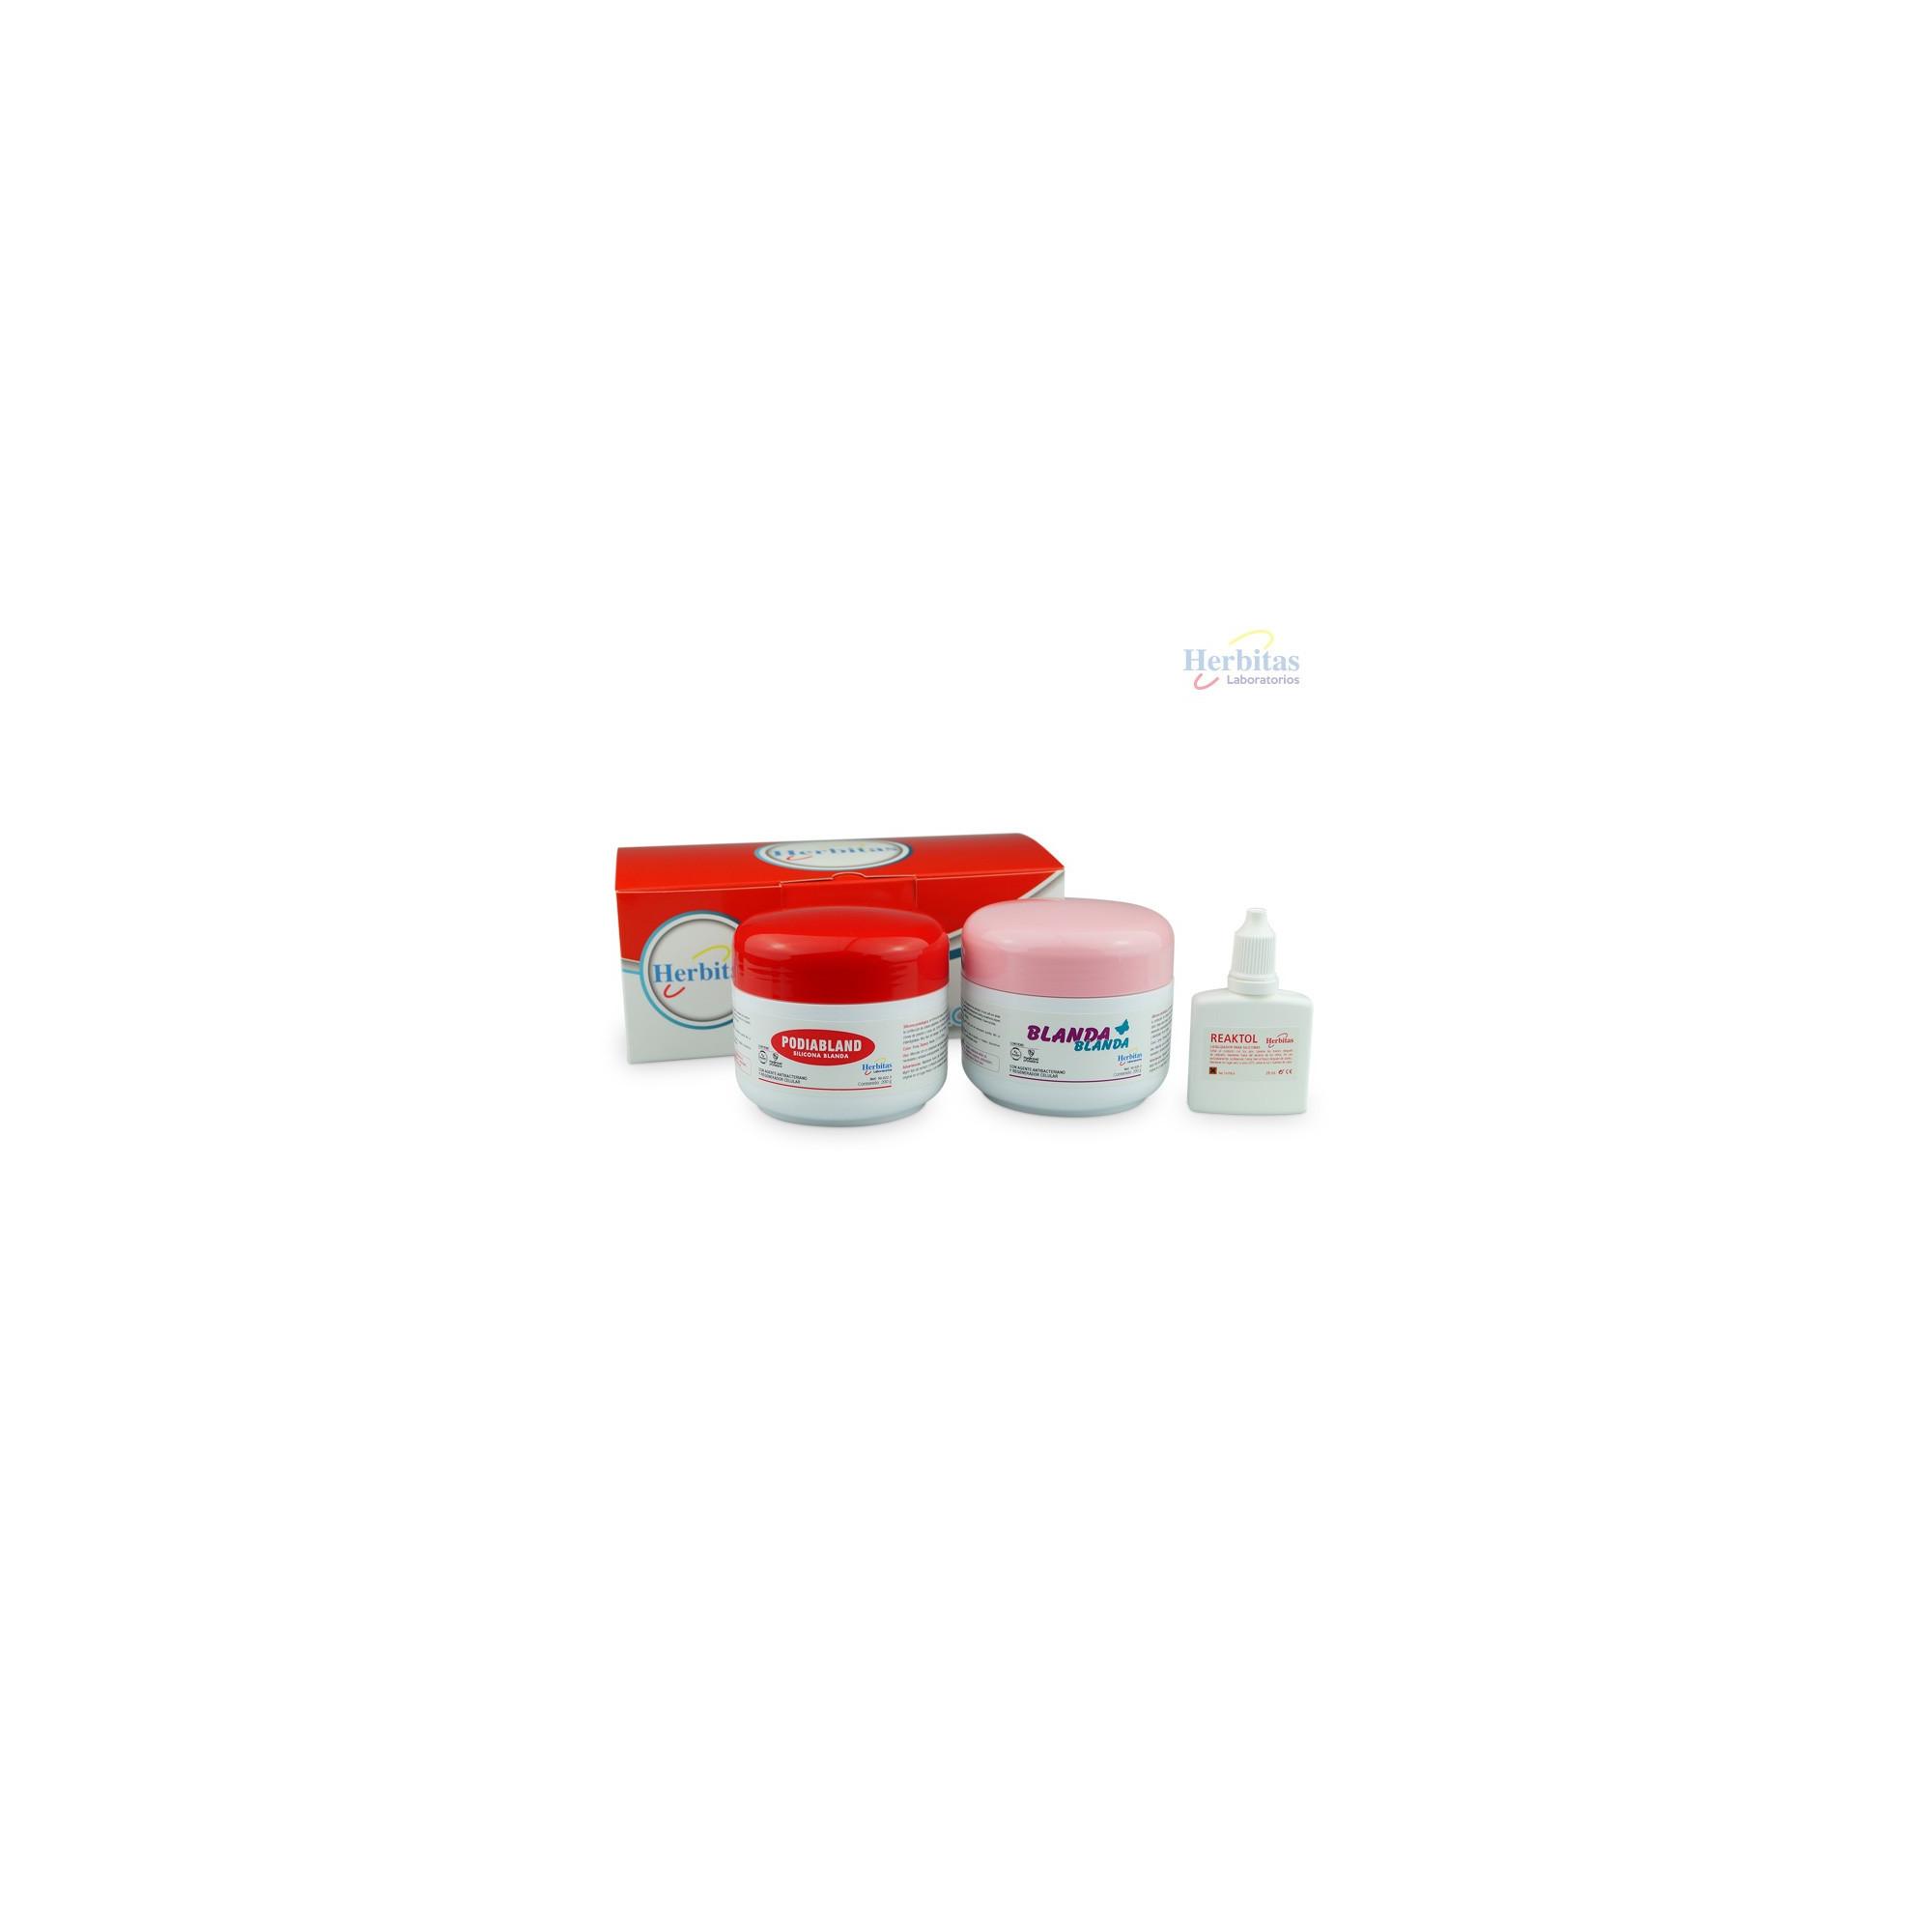 Kit 200g Basique Herbitas Silicone Blanda Blanda 200g + Podiabland 200g + Reaktol Celerix